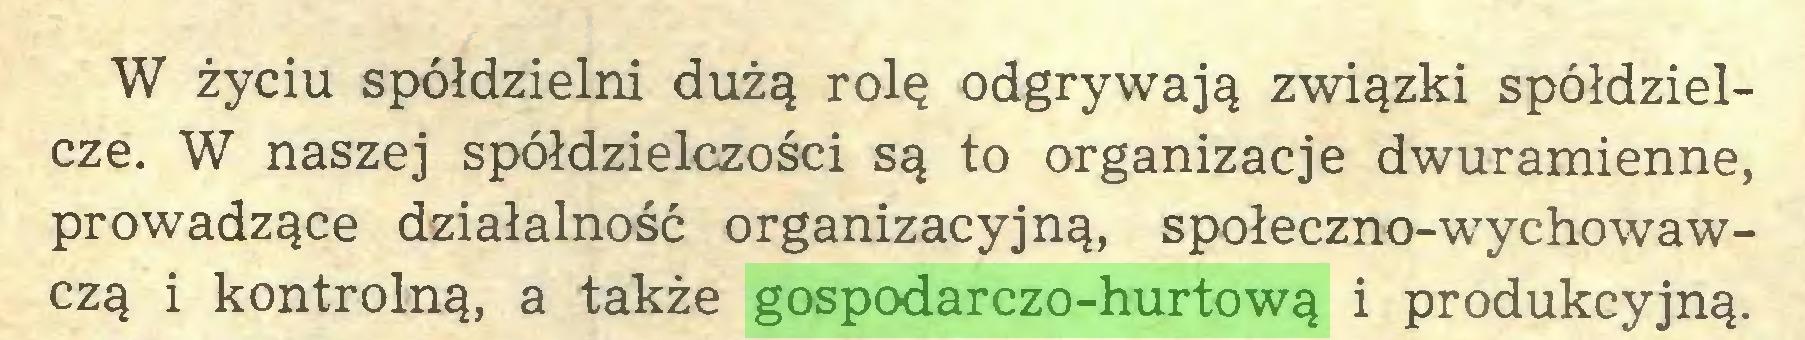 (...) W życiu spółdzielni dużą rolę odgrywają związki spółdzielcze. W naszej spółdzielczości są to organizacje dwuramienne, prowadzące działalność organizacyjną, społeczno-wychowawczą i kontrolną, a także gospodarczo-hurtową i produkcyjną...